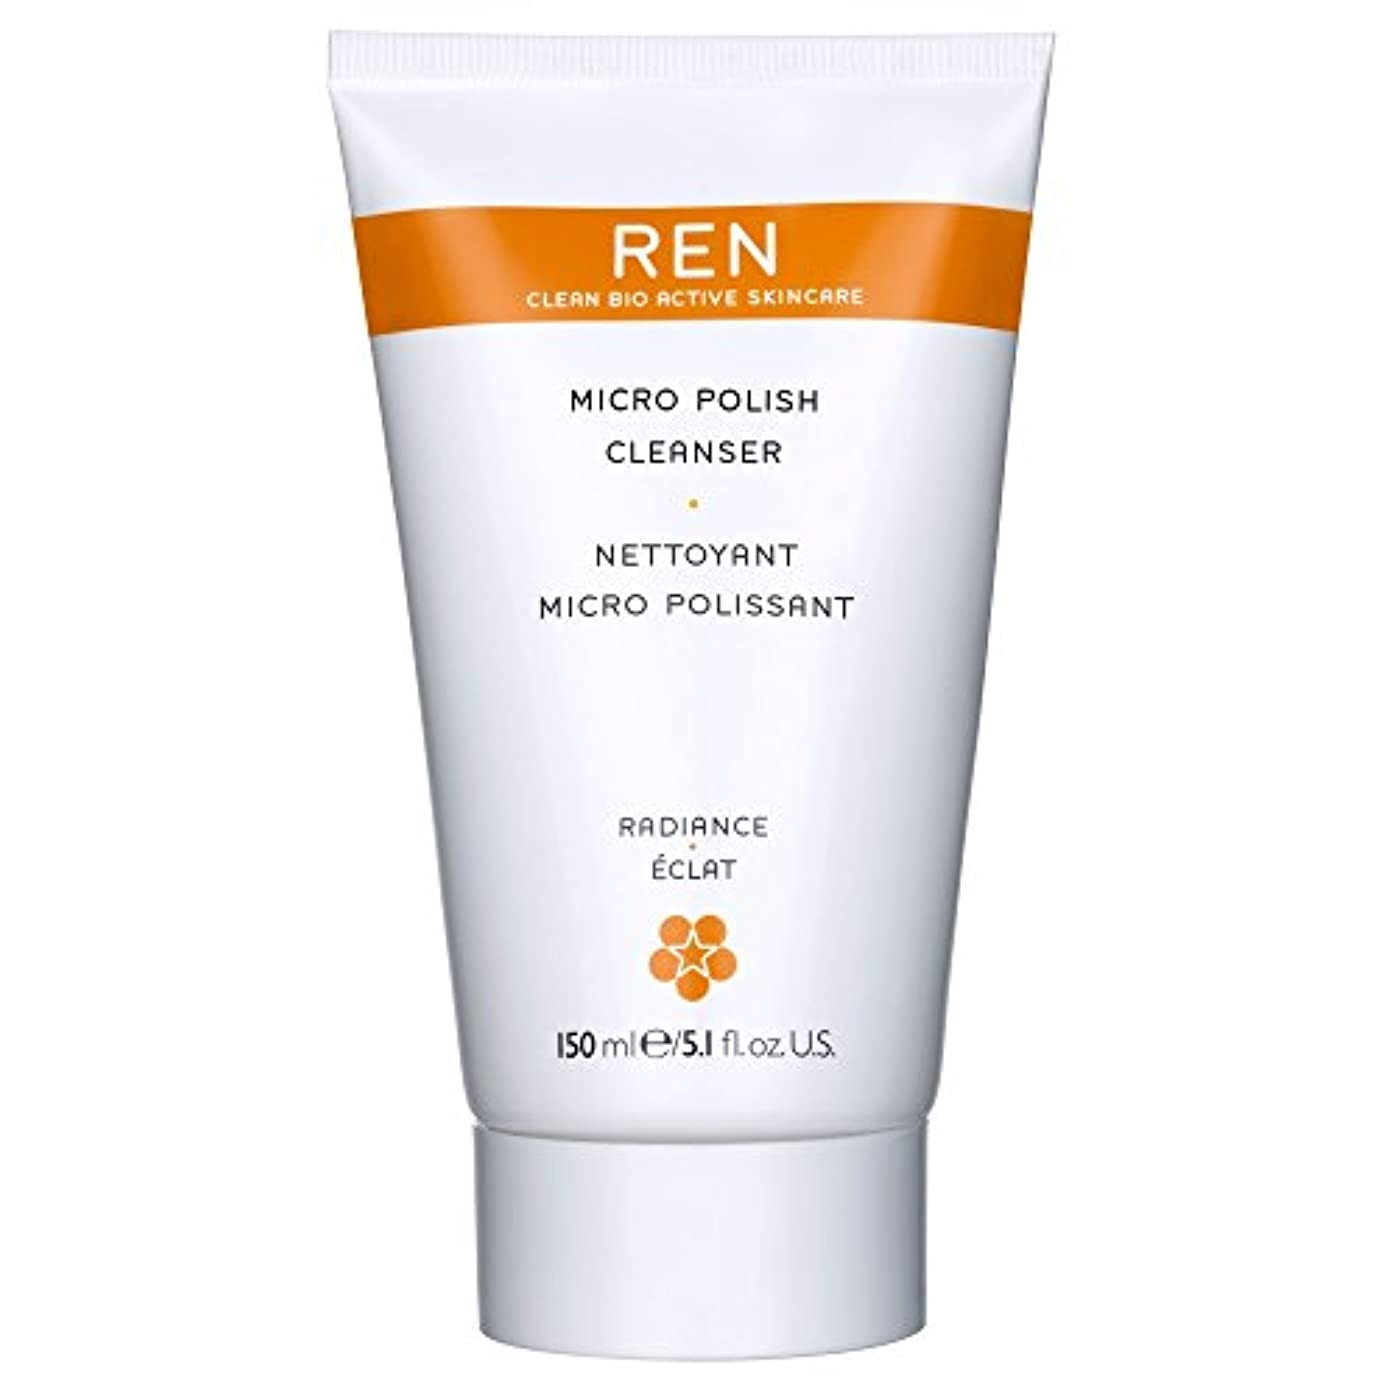 スノーケル遠近法事故Renミルコ磨きクレンザー、150ミリリットル (REN) (x6) - REN Mirco Polish Cleanser, 150ml (Pack of 6) [並行輸入品]